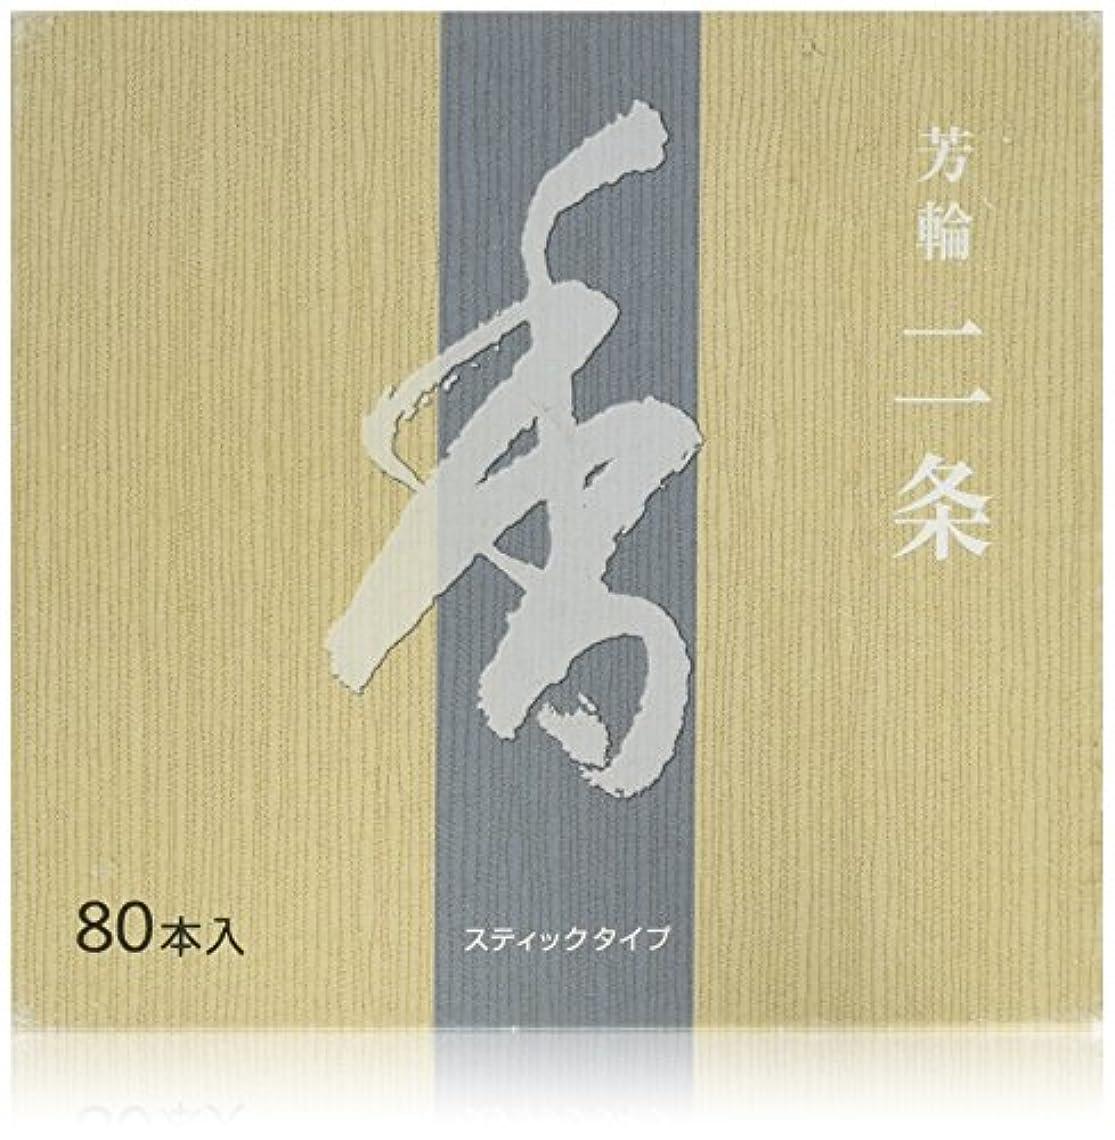 先墓地出費松栄堂のお香 芳輪二条 ST徳用80本入 簡易香立付 #210124